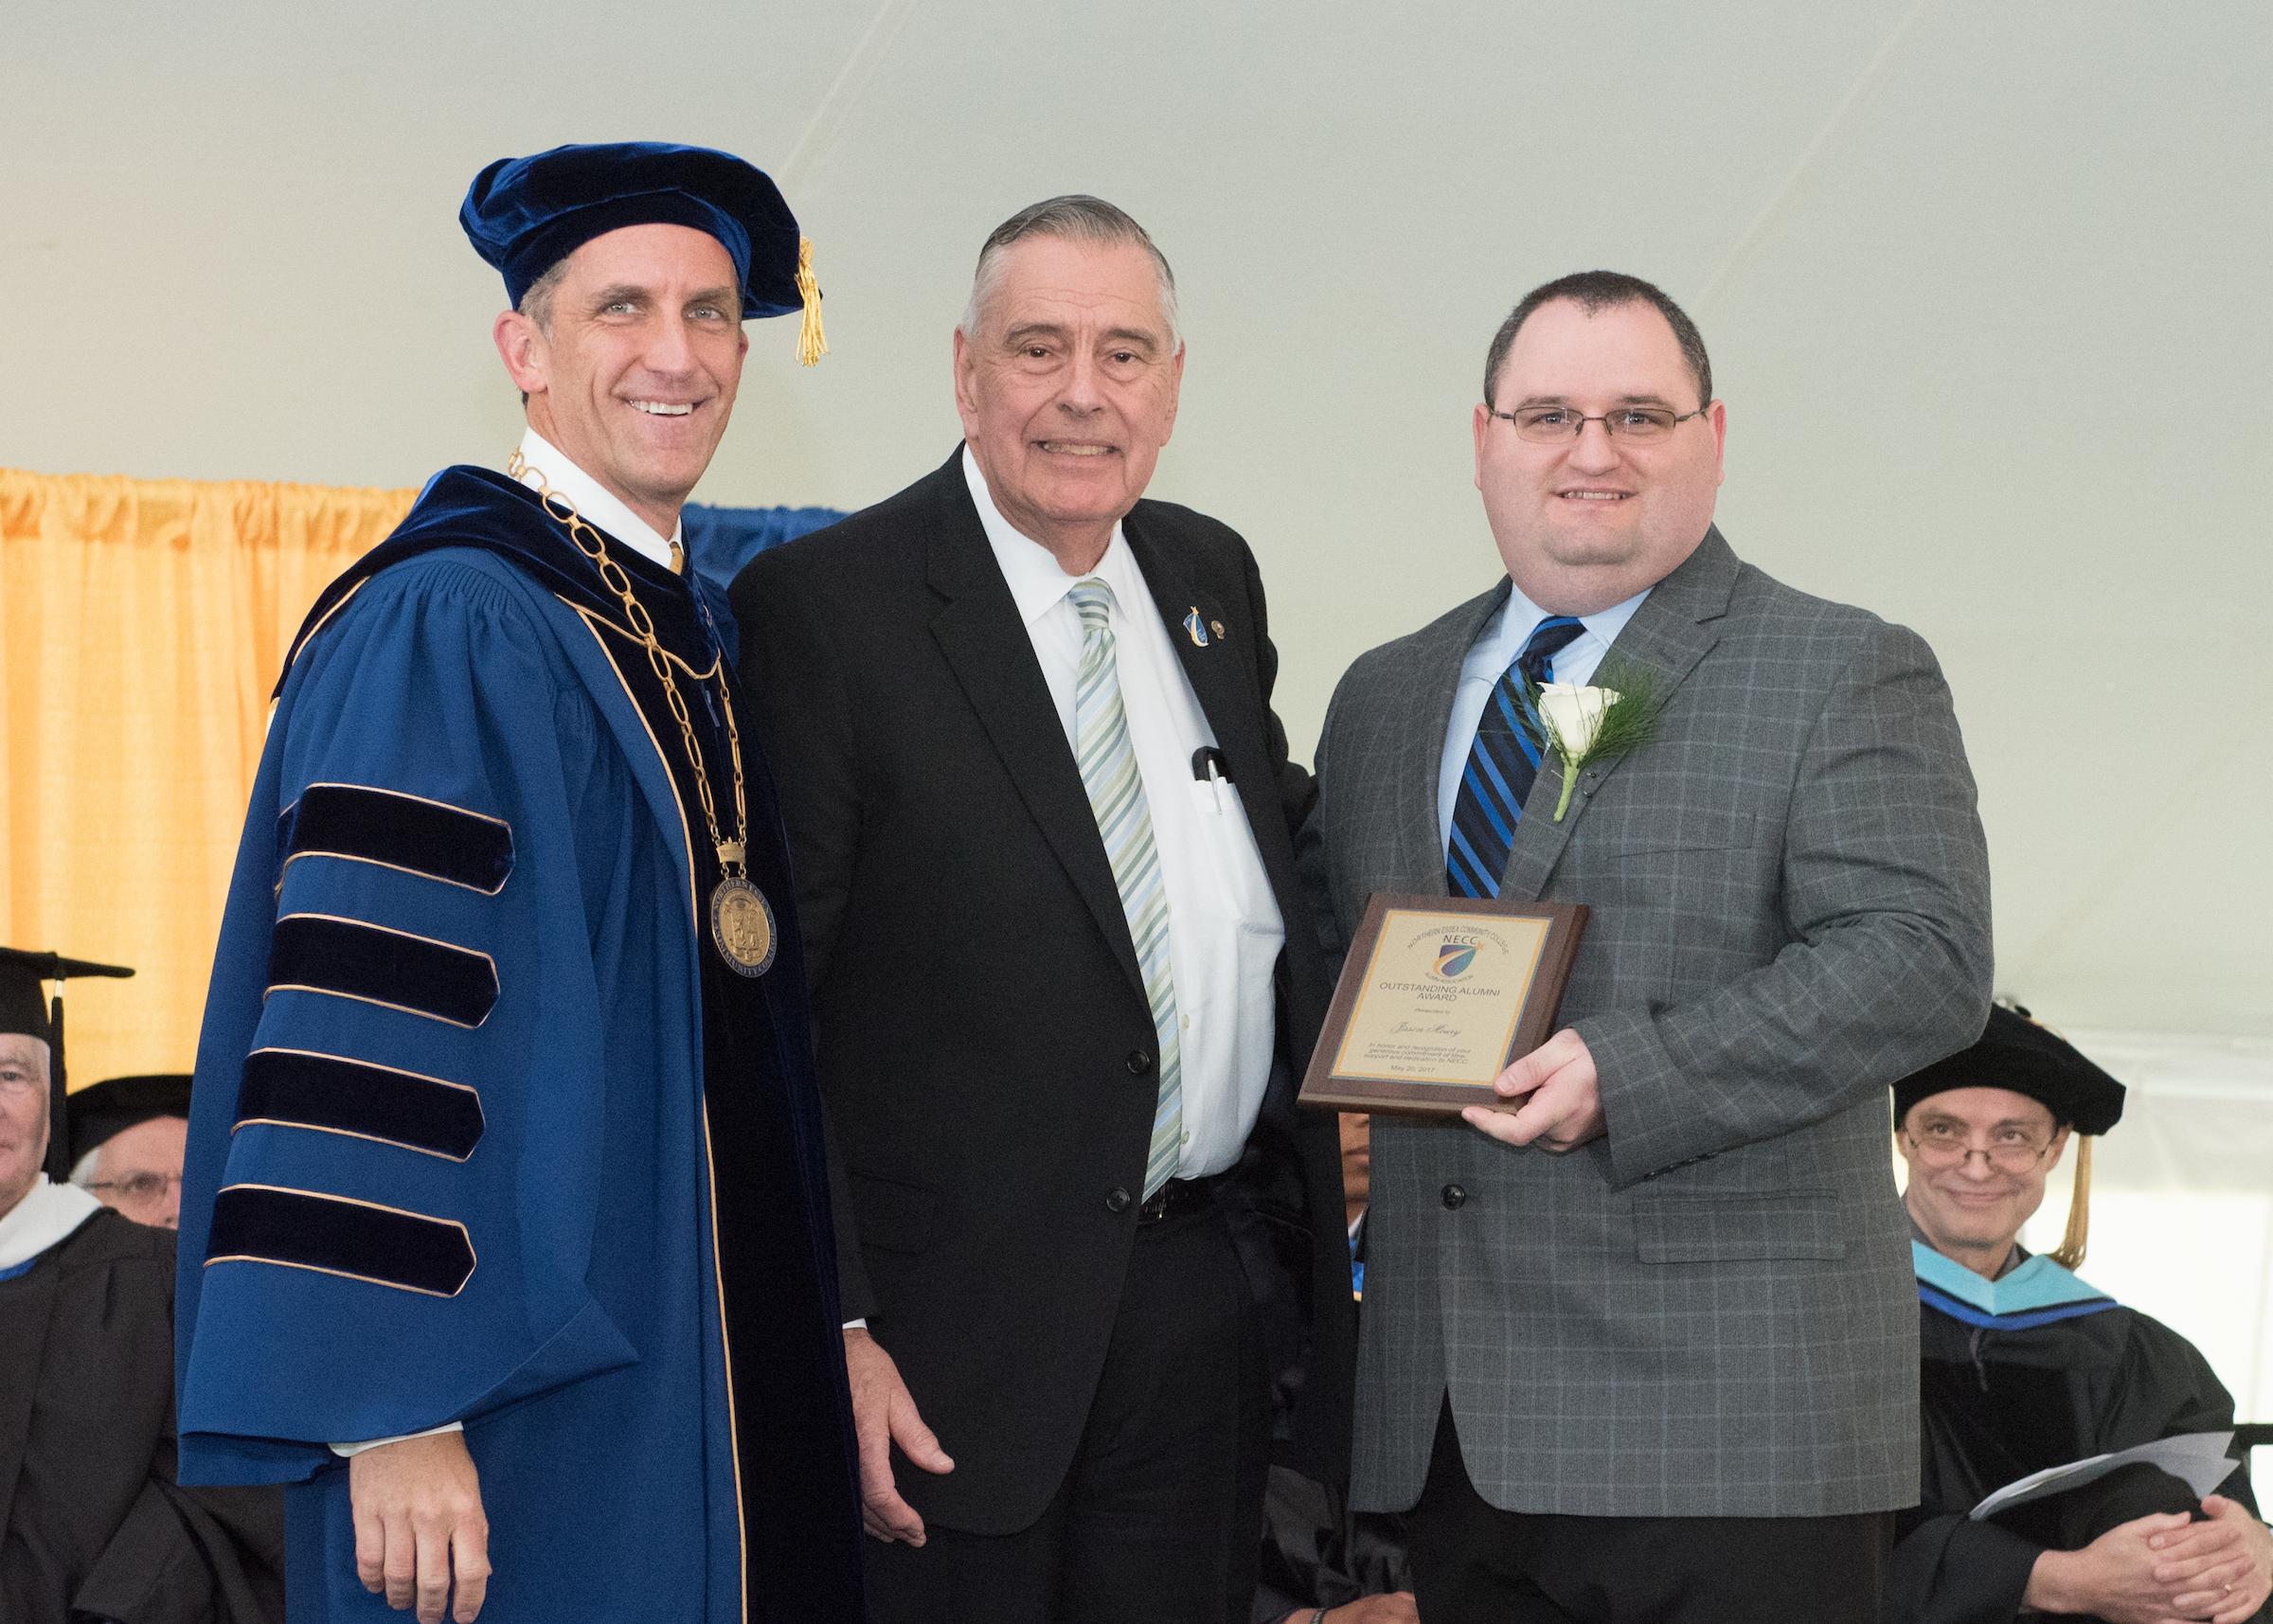 President Glenn in commencment regalia and Bill Klueber present Jason Moury the award.